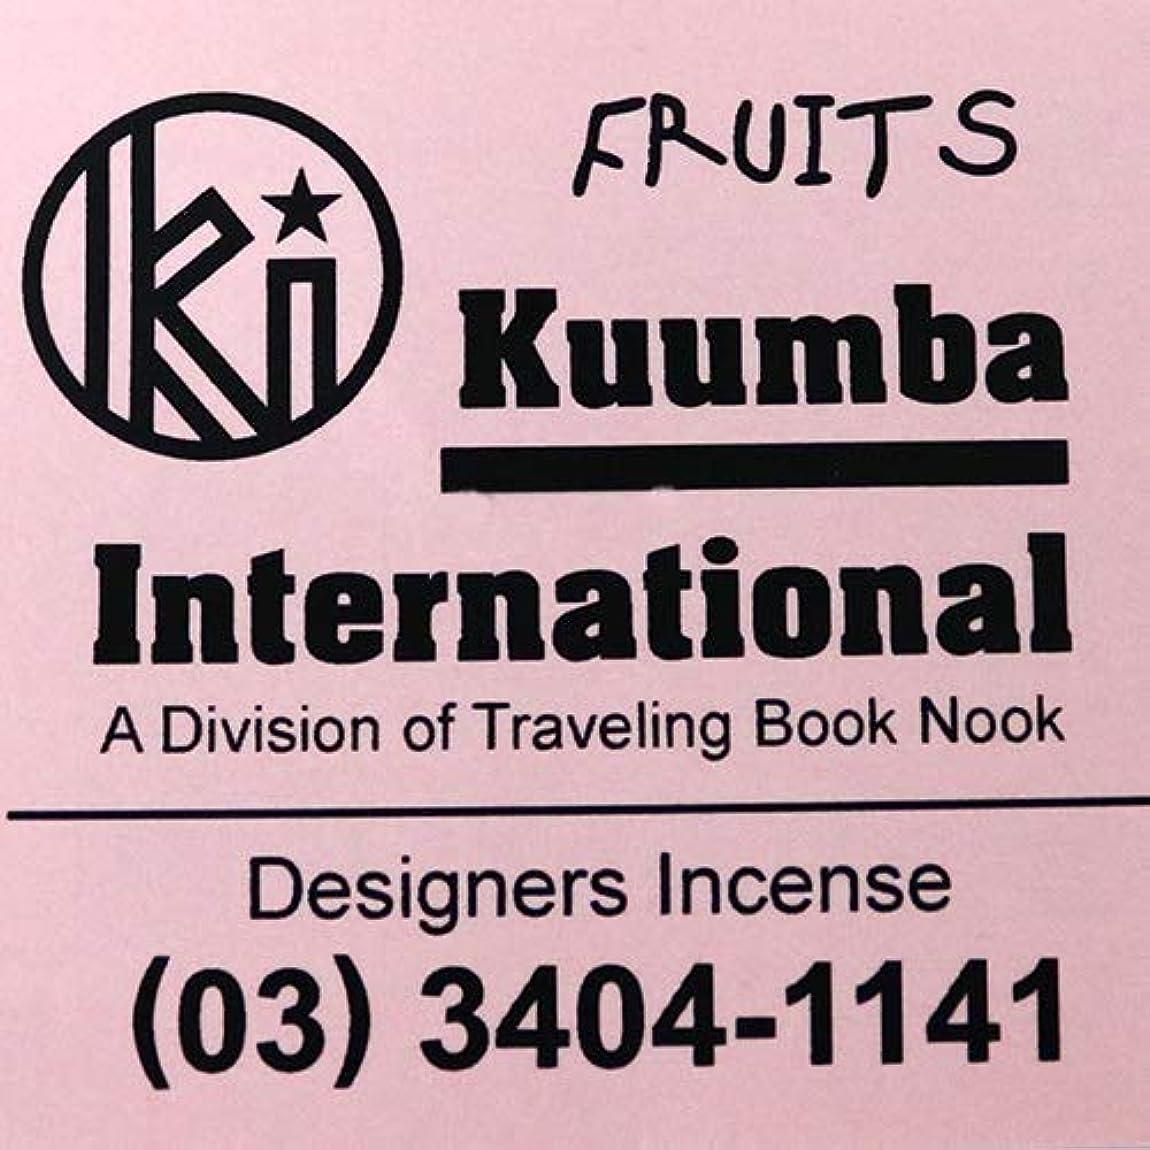 ブラケット画家(クンバ) KUUMBA『incense』(FRUITS) (FRUITS, Regular size)